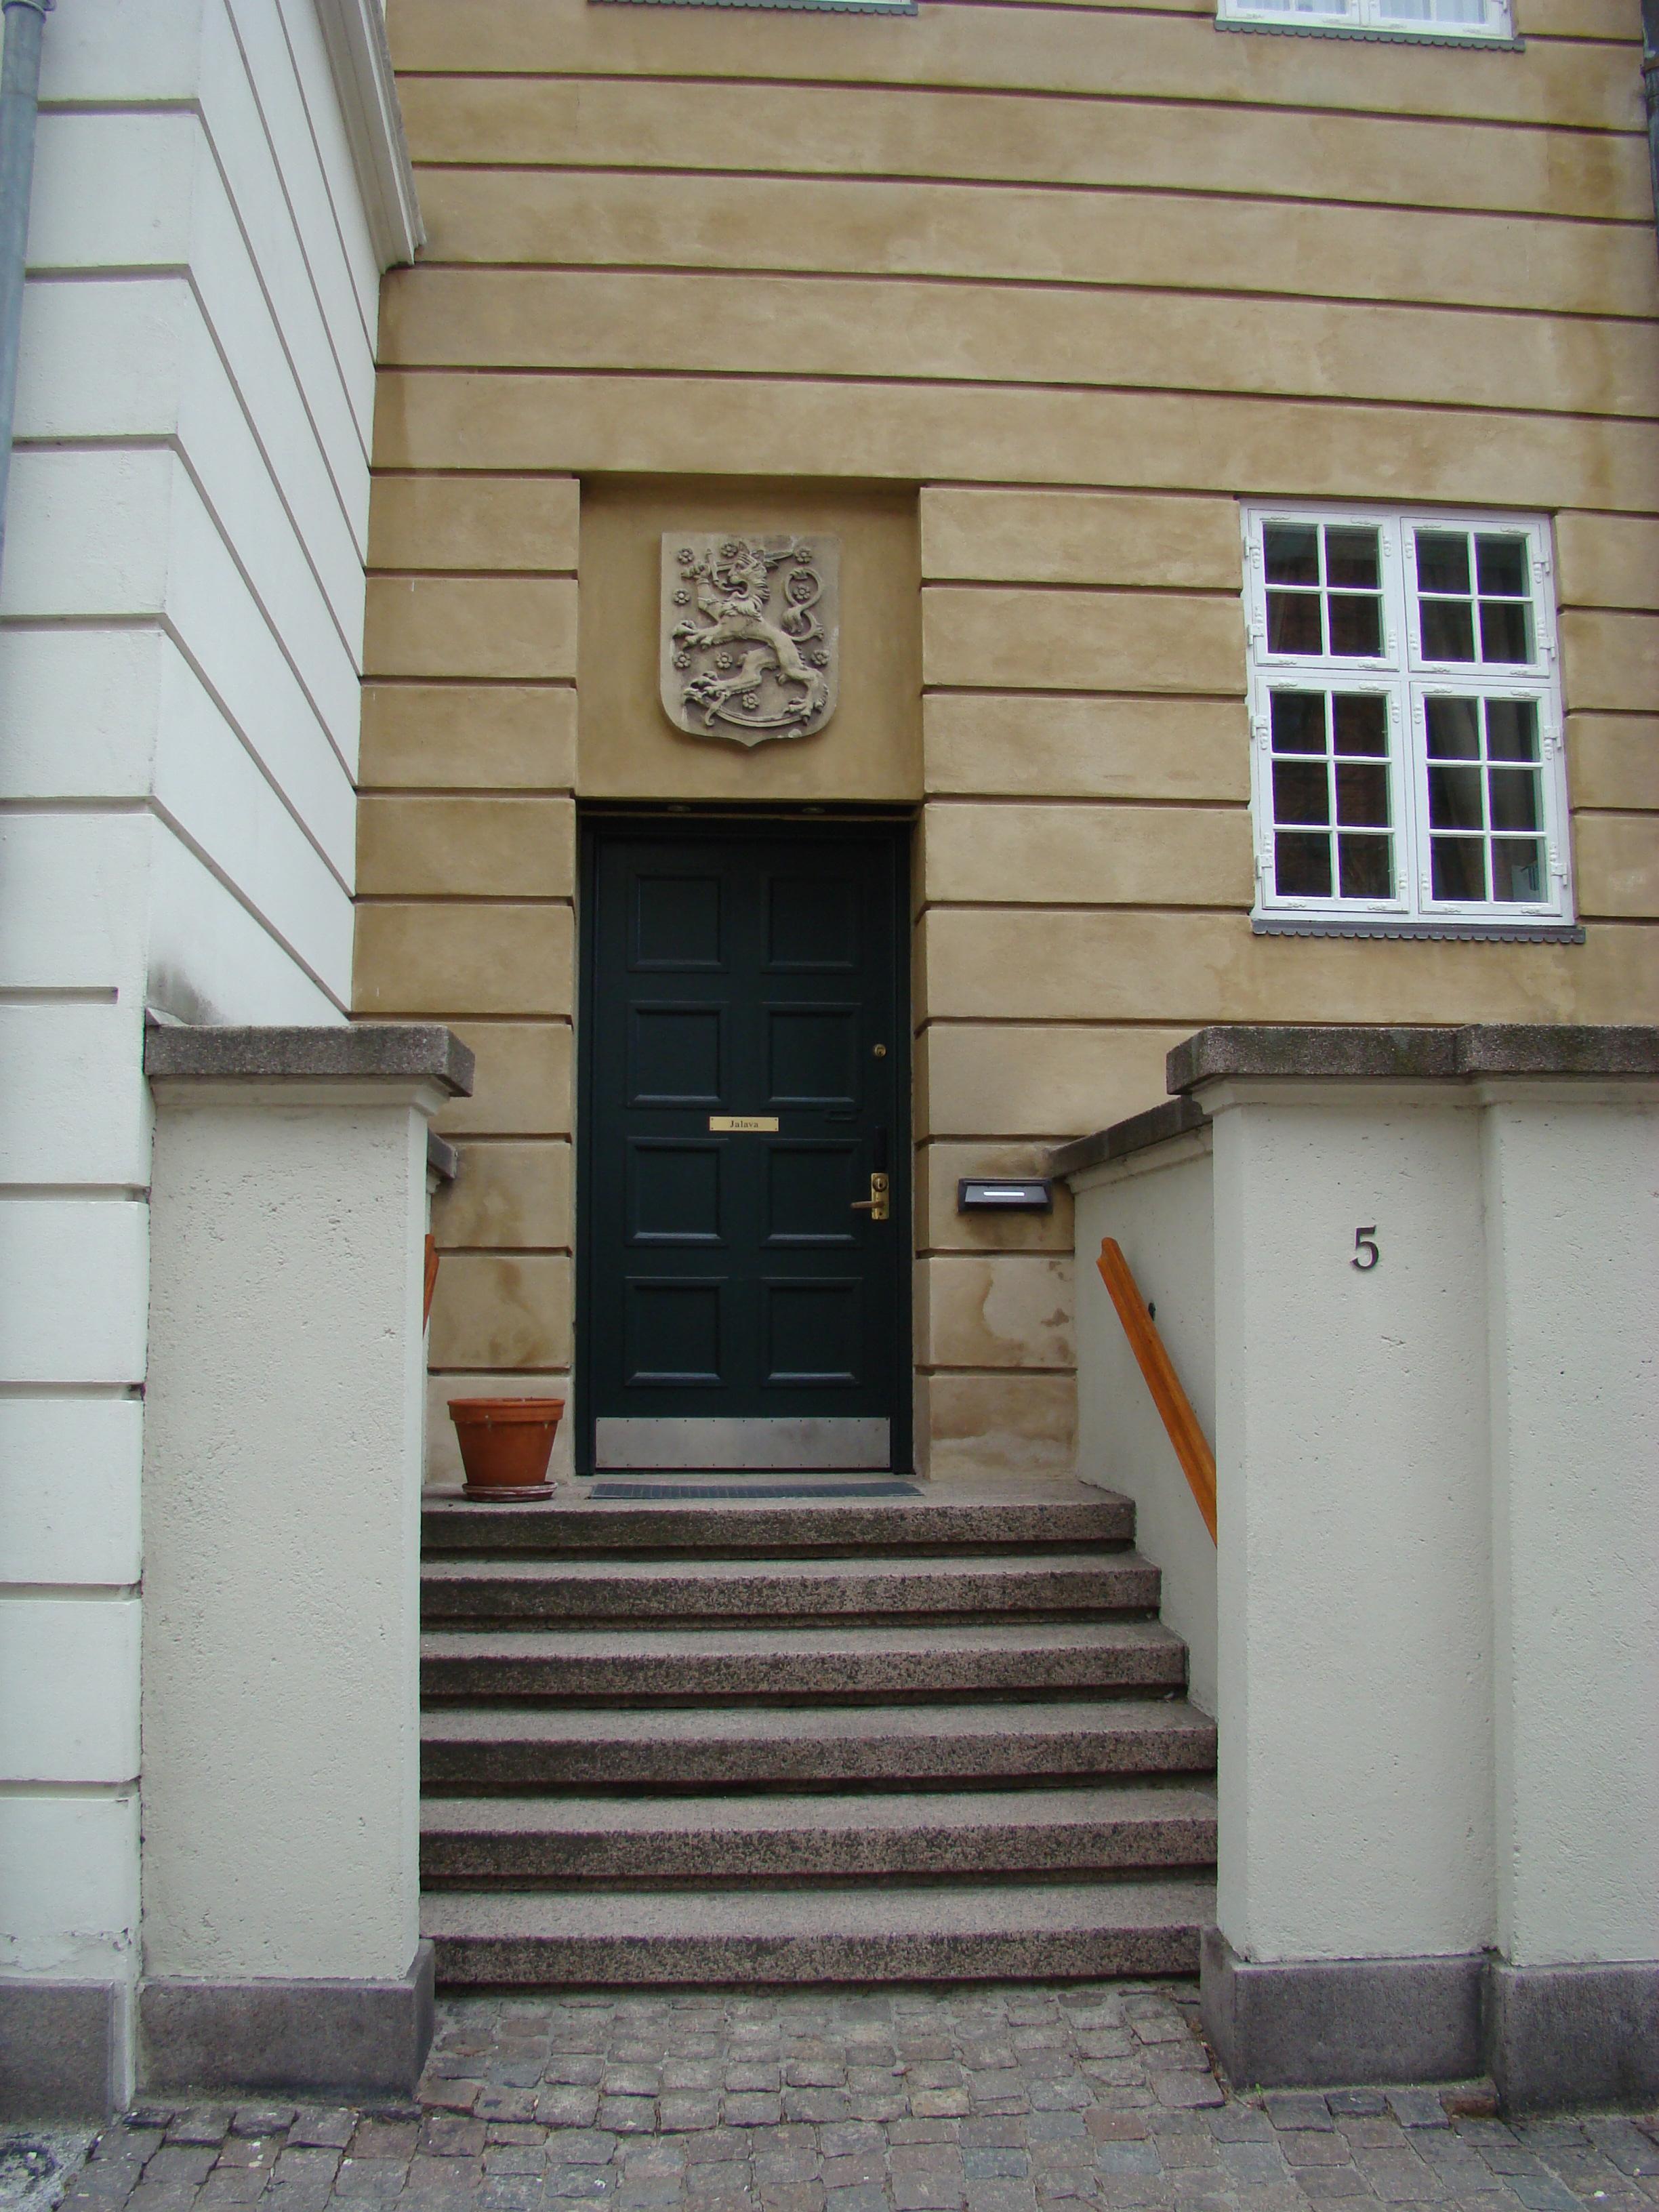 Grønningen 11-Hammerensgade 5-Jens Kofods Gade 6 - 8 indgangen fra Hammerensgade